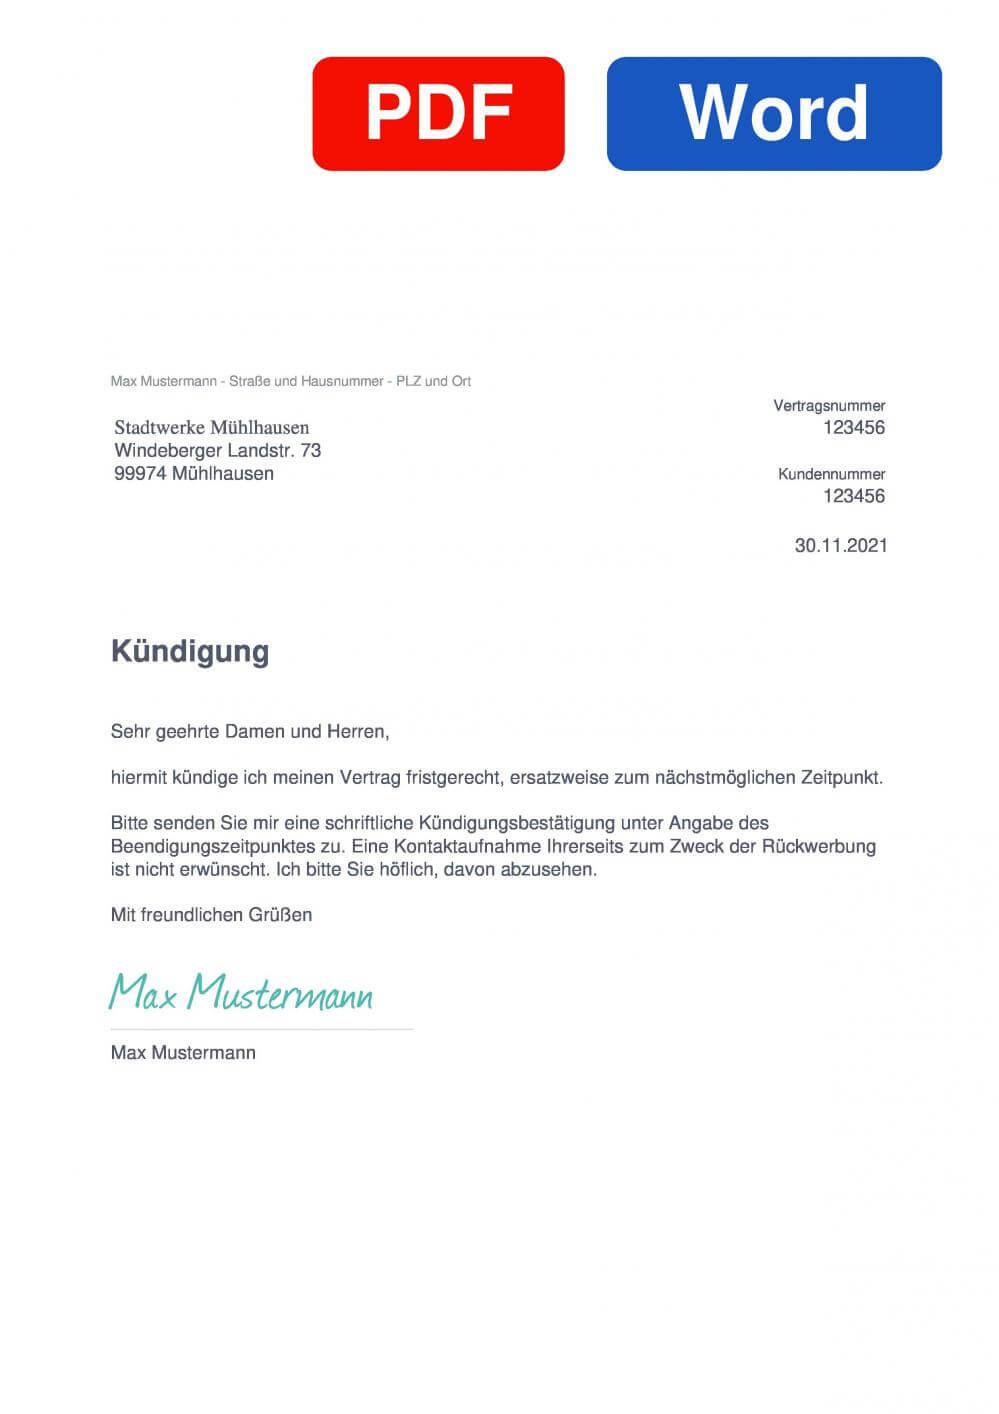 Stadtwerke Mühlhausen Muster Vorlage für Kündigungsschreiben